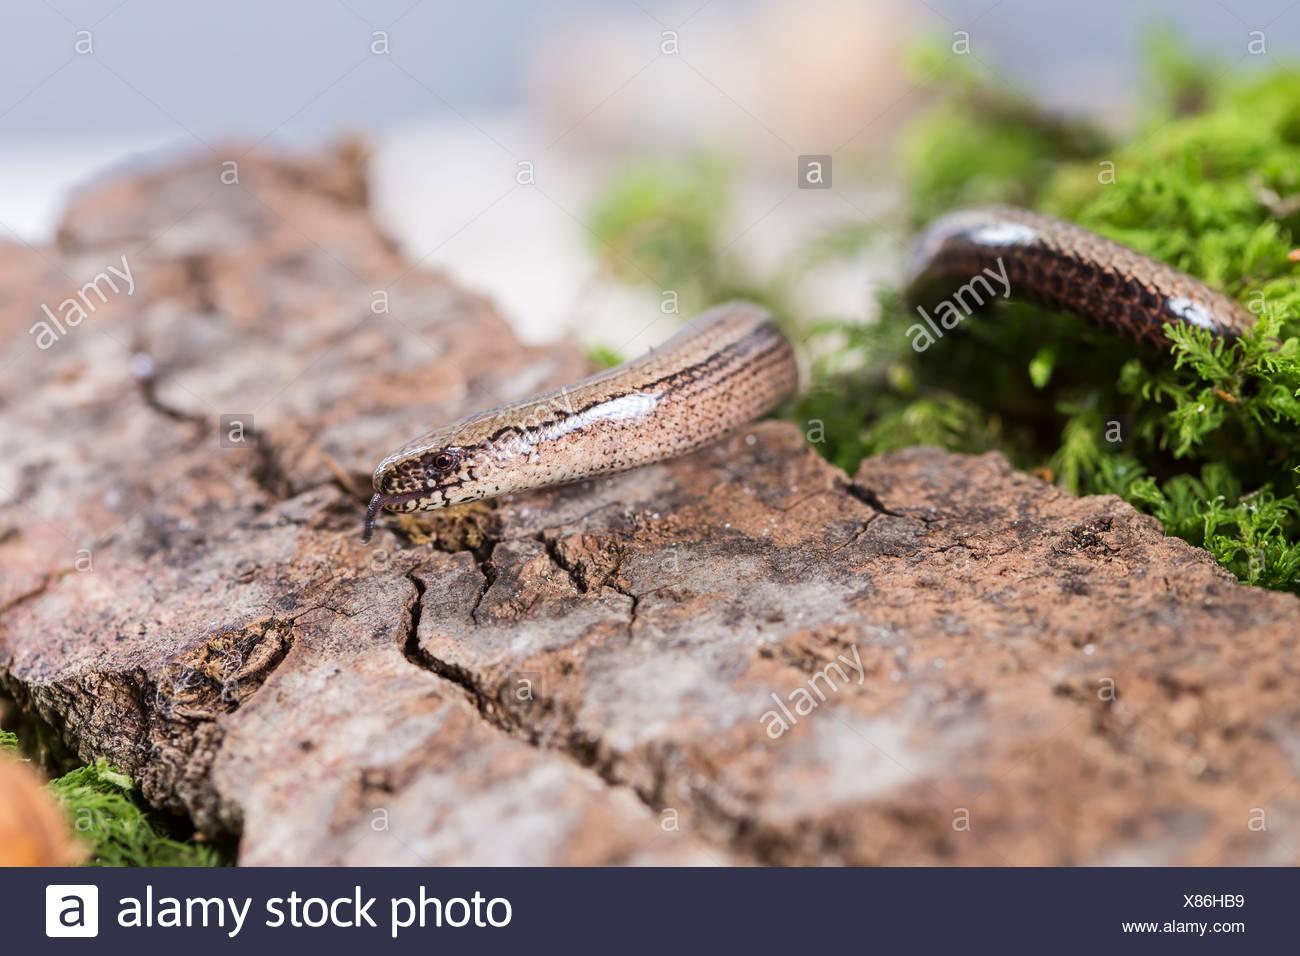 Blindworm (Anguis fragilis) on stone, studio shot Stock Photo